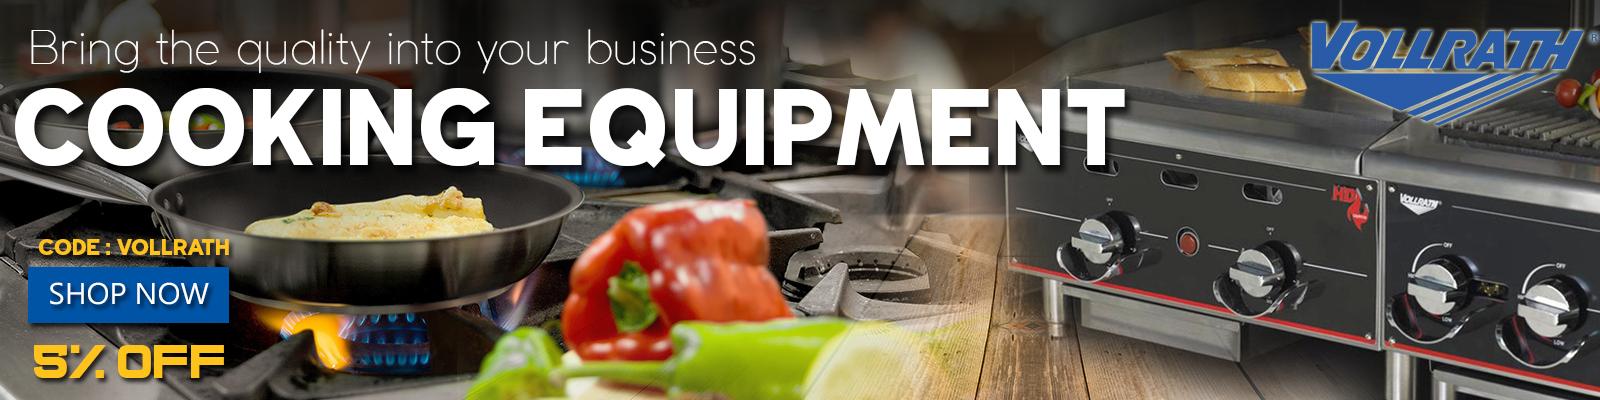 Vollrath Cooking Equipment, Commercial Restaurant Equipment